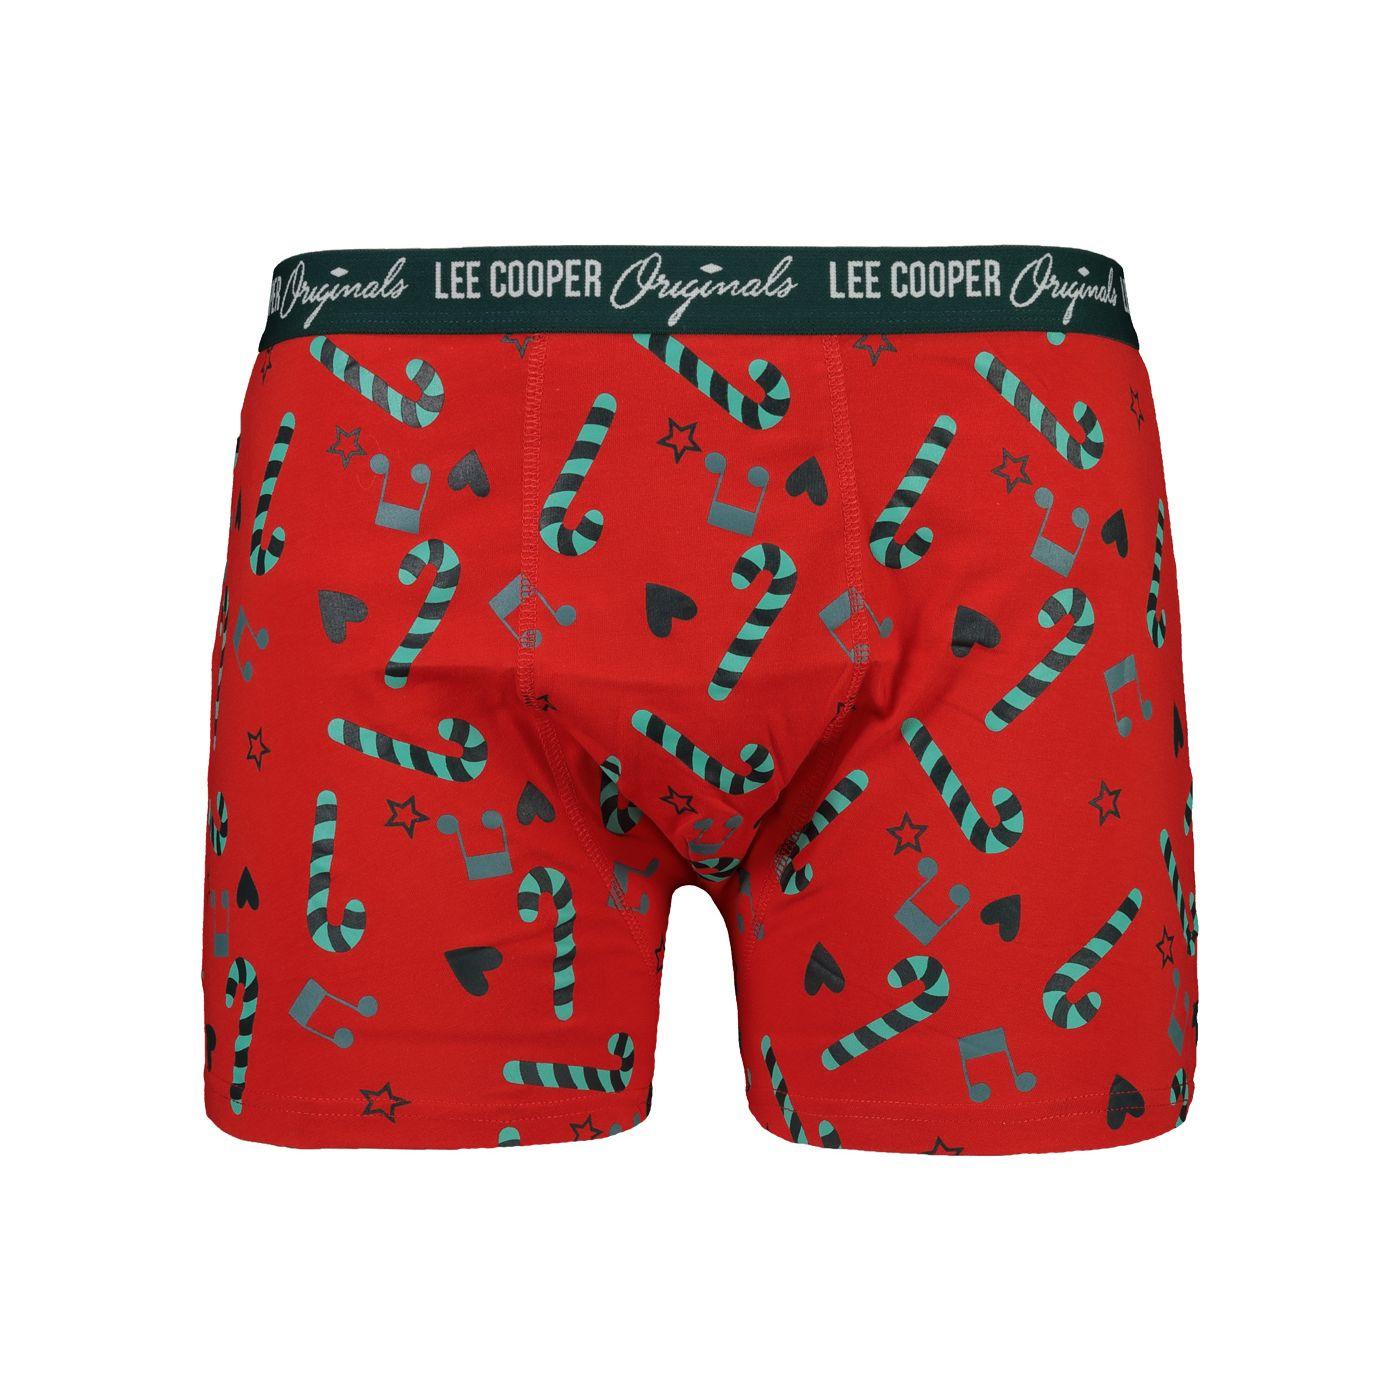 Boxerky pánské Lee Cooper Vánoce 1 kusové